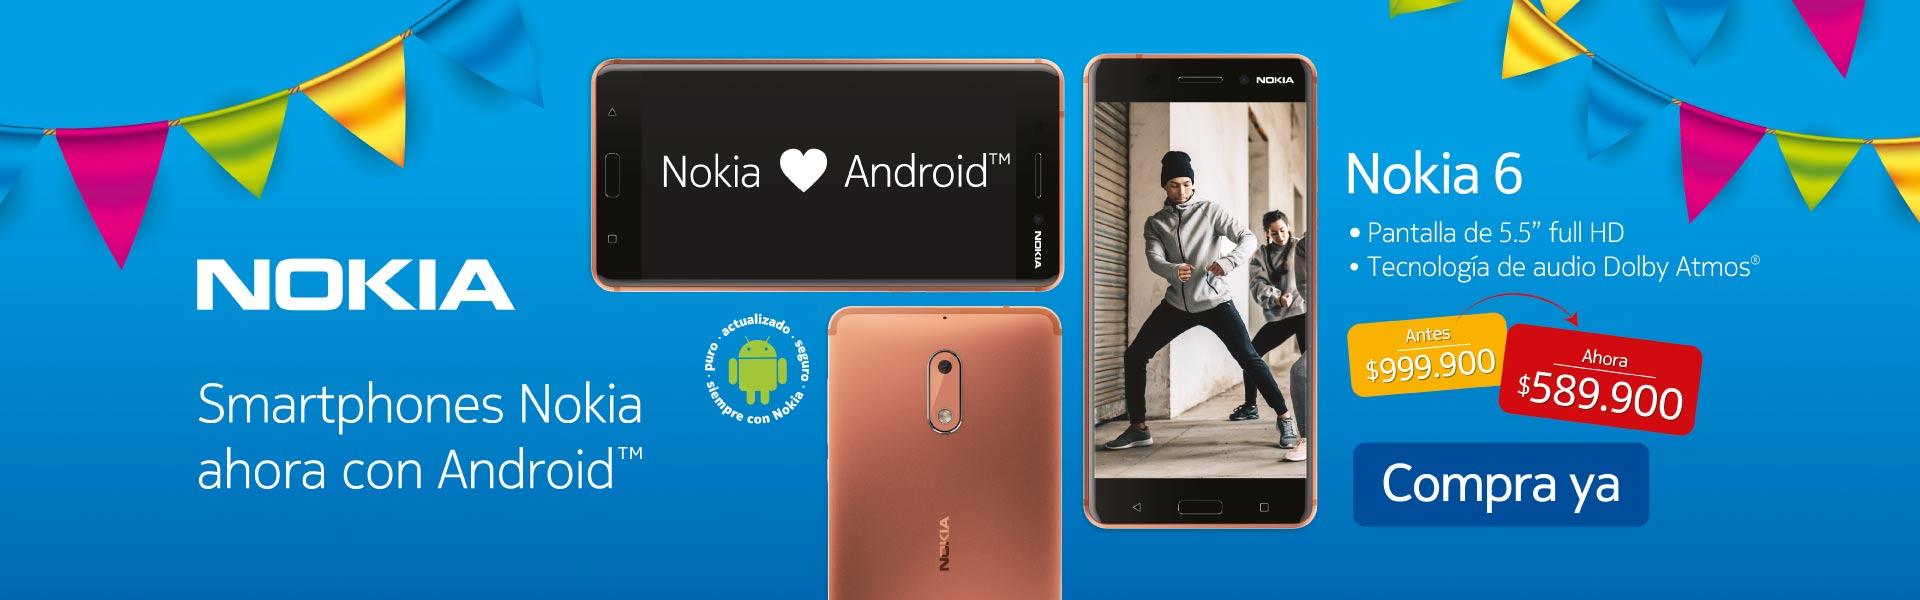 KT-PPAL-12-celulares-PP-EXP-Nokia-6-Ago18